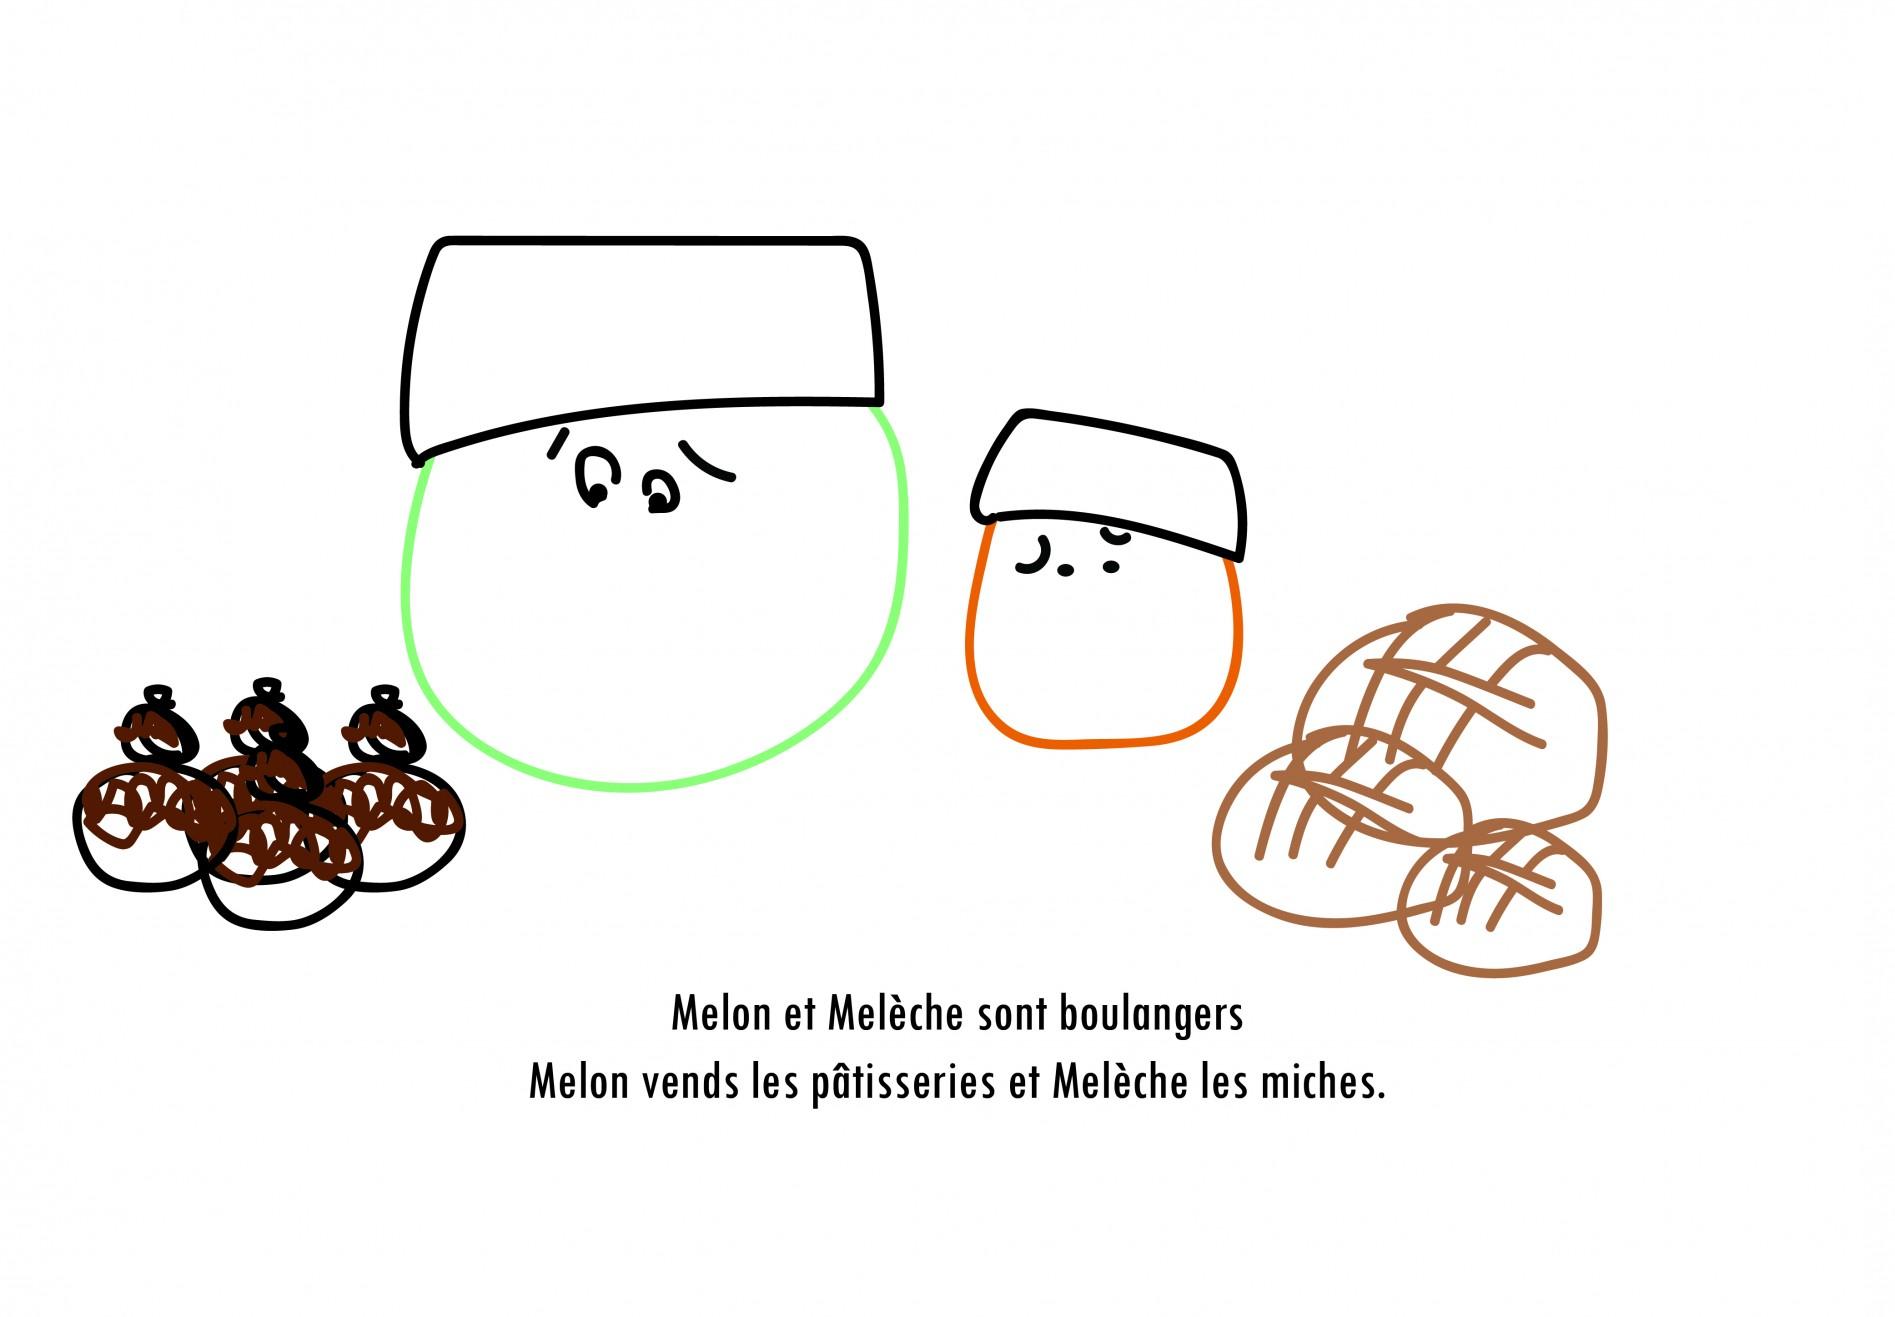 melonmeleche_boulangers-01